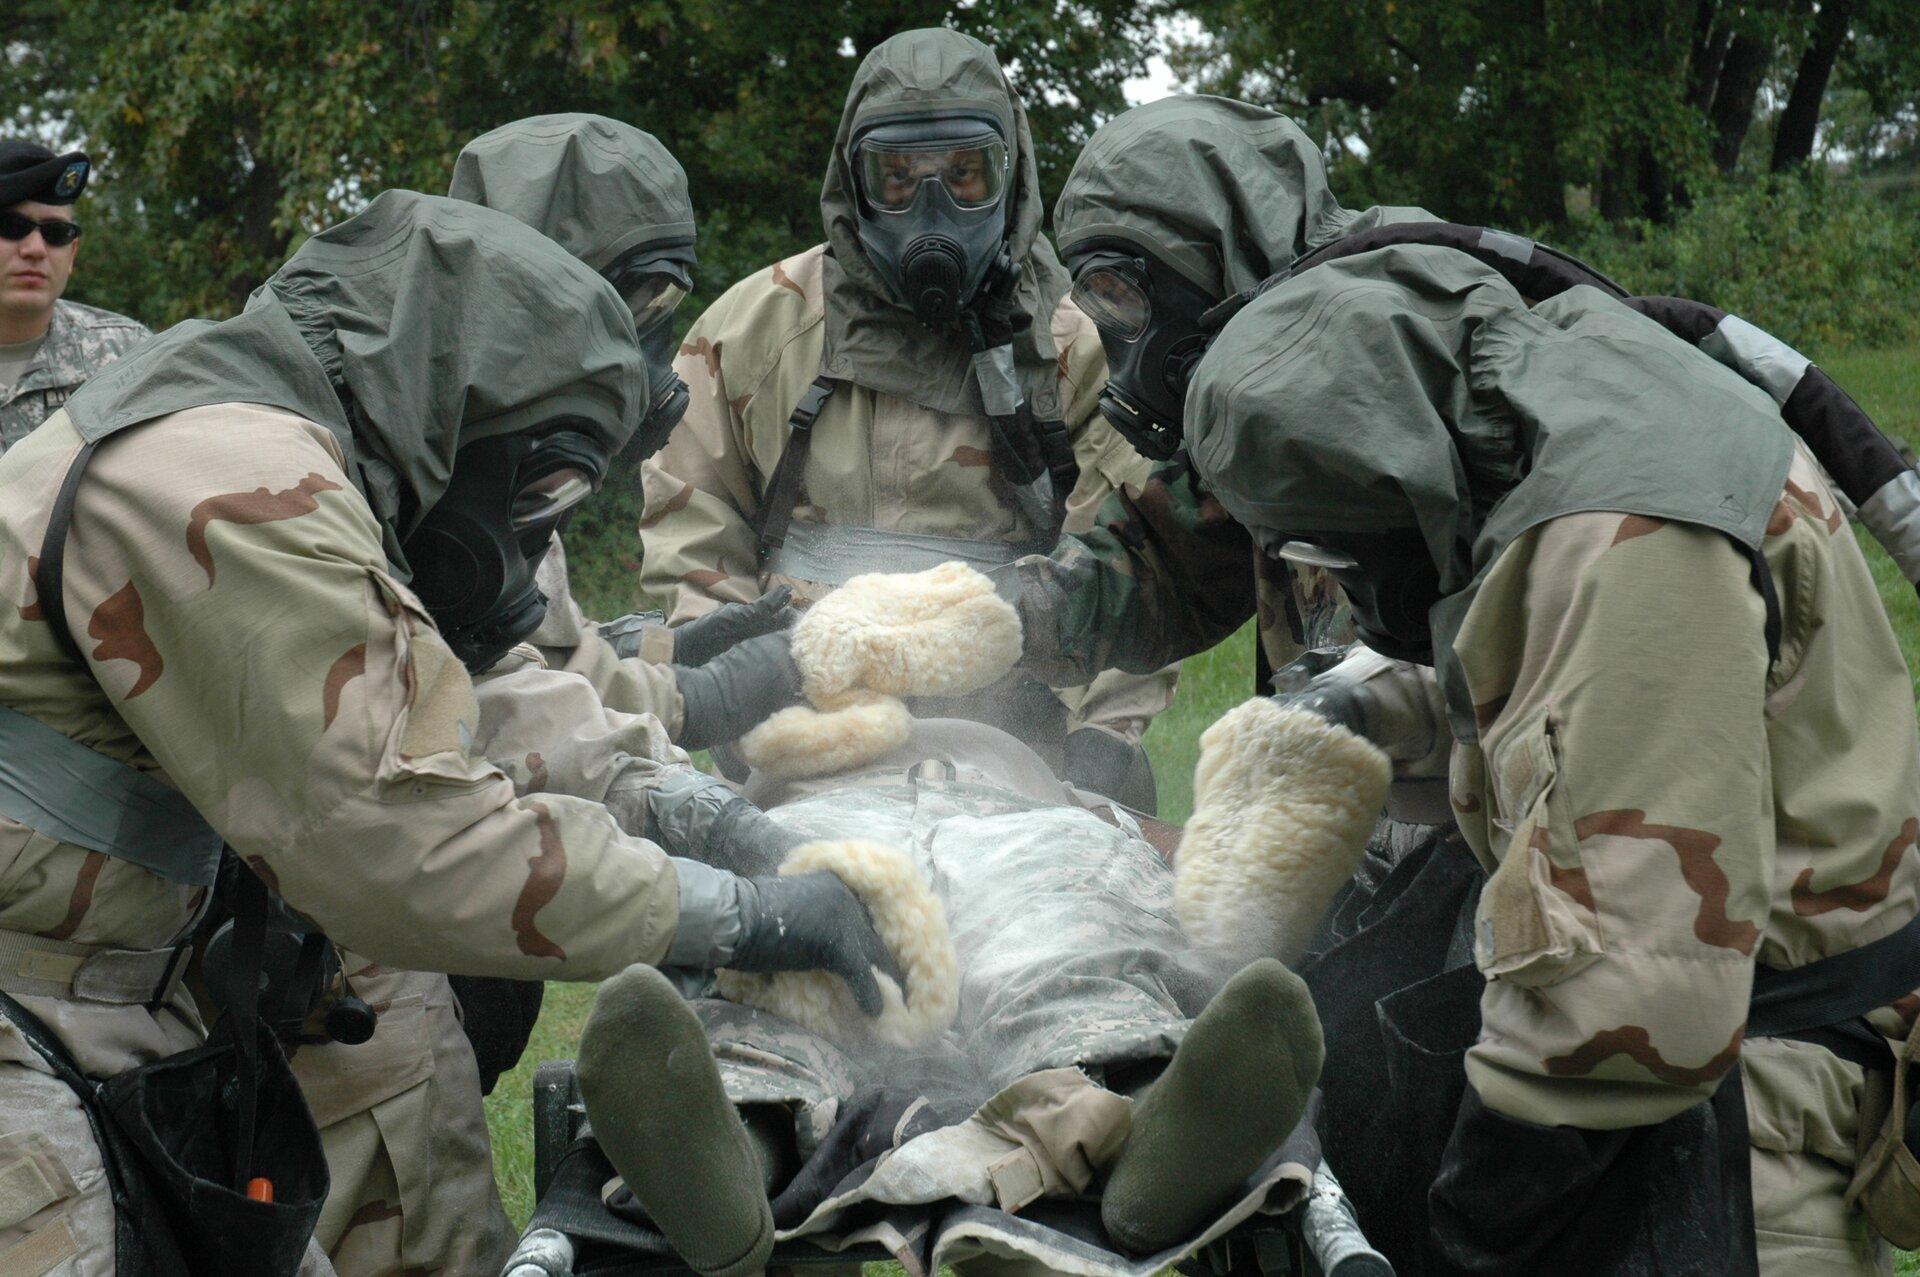 Zdjęcia przedstawia zabiegi sanitarne przeprowadzane przez grupę żołnierzy na człowieku leżącym na noszach. Na pierwszym planie nosze ipacjent na nich ułożony nogami do fotografa, na nogach ma skarpety, bez butów. Wokół niego grupa pięciu żołnierzy ubranych wkombinezony ochronne imaski. Wszyscy mają głowy okryte ciemnozielonymi kapturami oraz rękawice na rękach. Żołnierze usuwają mechanicznie niebezpieczne substancje zubrania osoby na noszach za pomocą specjalnych myjek przypominających gąbki kąpielowe. Wtle widoczna zieleń trawy, drzewa oraz obserwujący akcję oficer wmundurze polowym, bez stroju ochronnego.